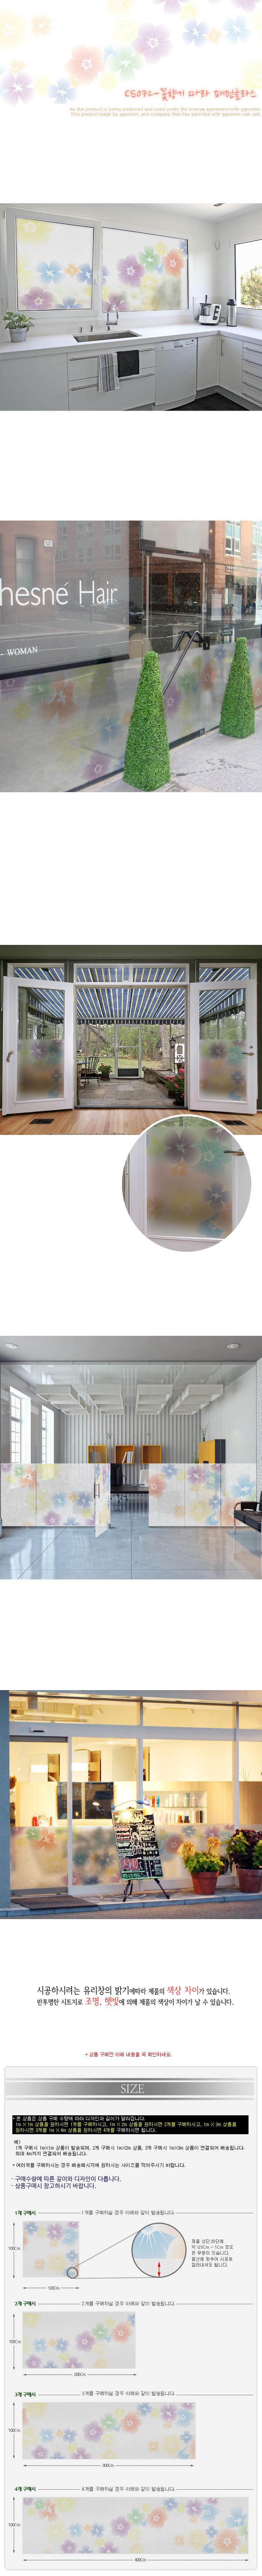 cs072-꽃향기 따라 패턴글라스_글라스시트지 - 꾸밈, 16,000원, 벽지/시트지, 플라워 시트